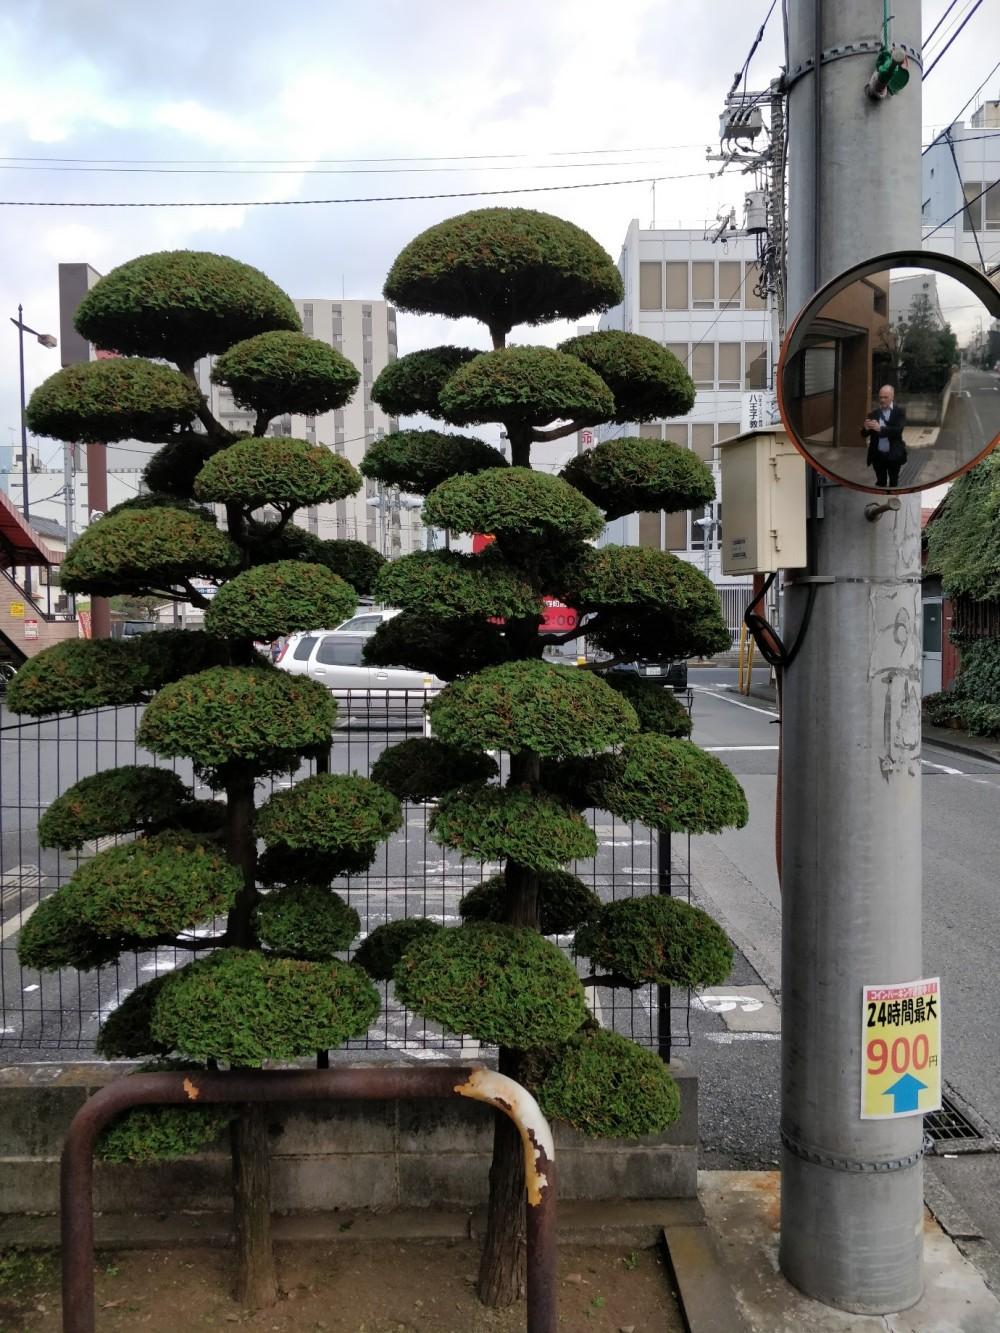 japan bushes